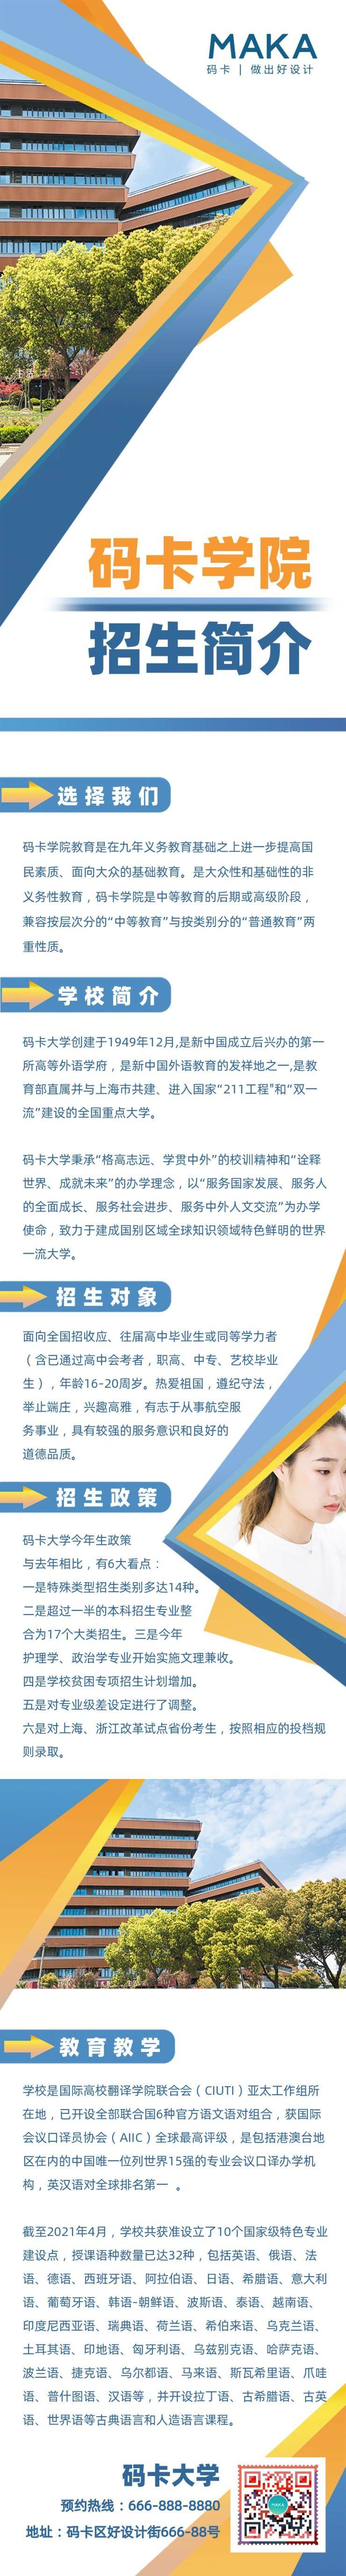 简约风学校招生宣传长图